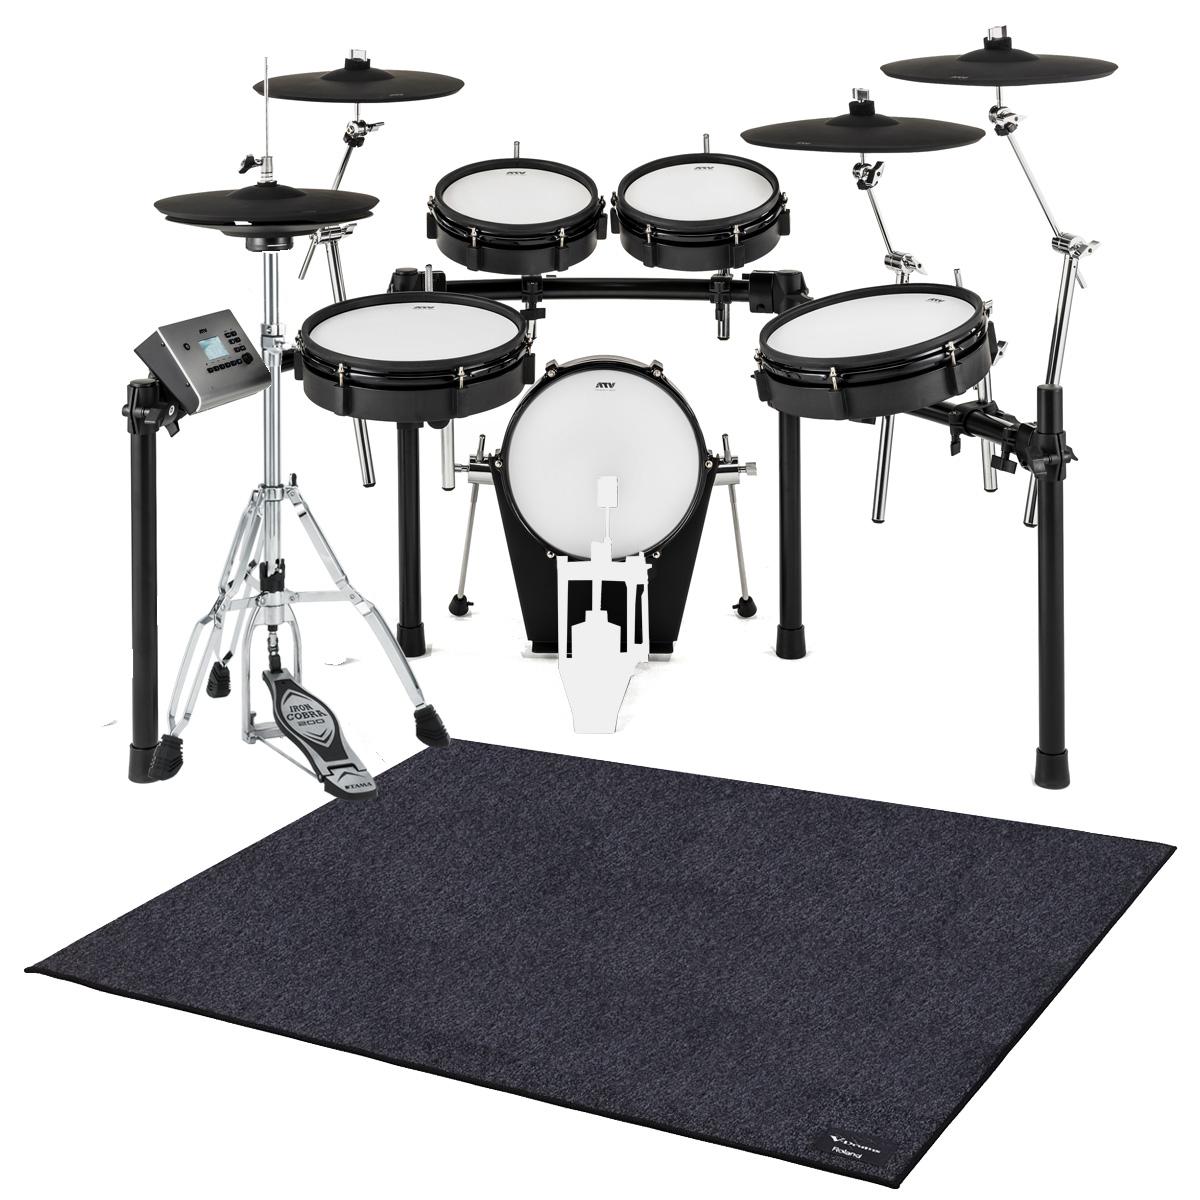 【在庫あります】ATV / EXS-5 電子ドラム ハイハットスタンドとドラムマットTDM-20セット / キックペダル別売【BLKFRD】